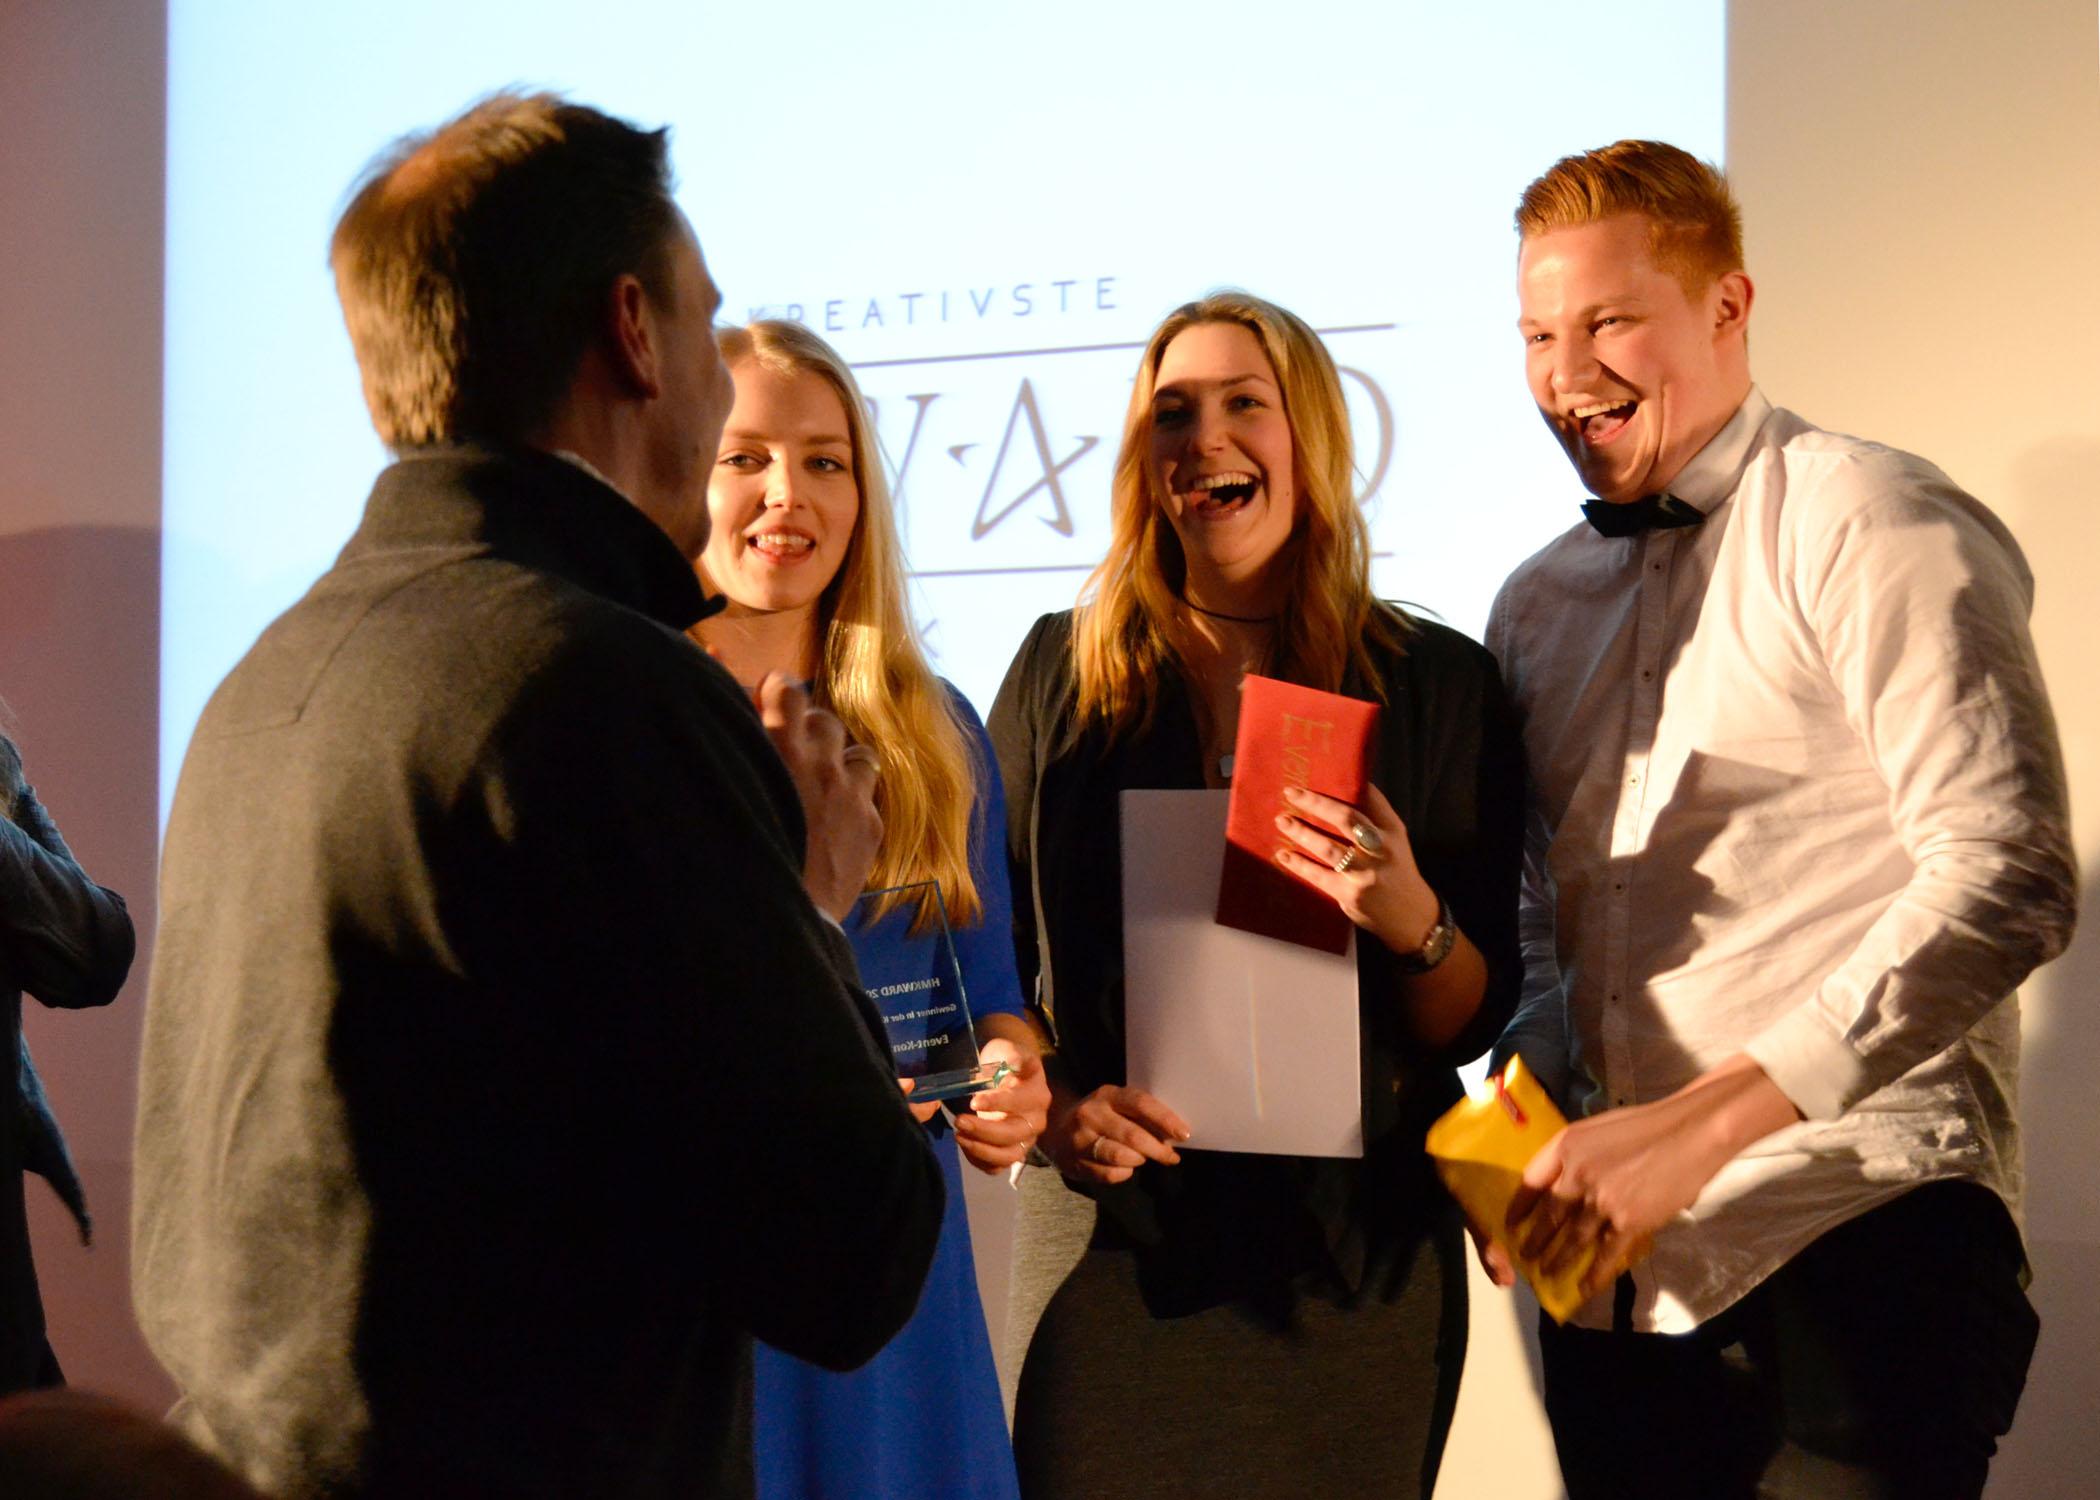 Schnappschuss vom Galafinale: Prof. Dr. Hartmut Merl, Kristin Merhofe, Nicola Boyne und Bennet Maraun.